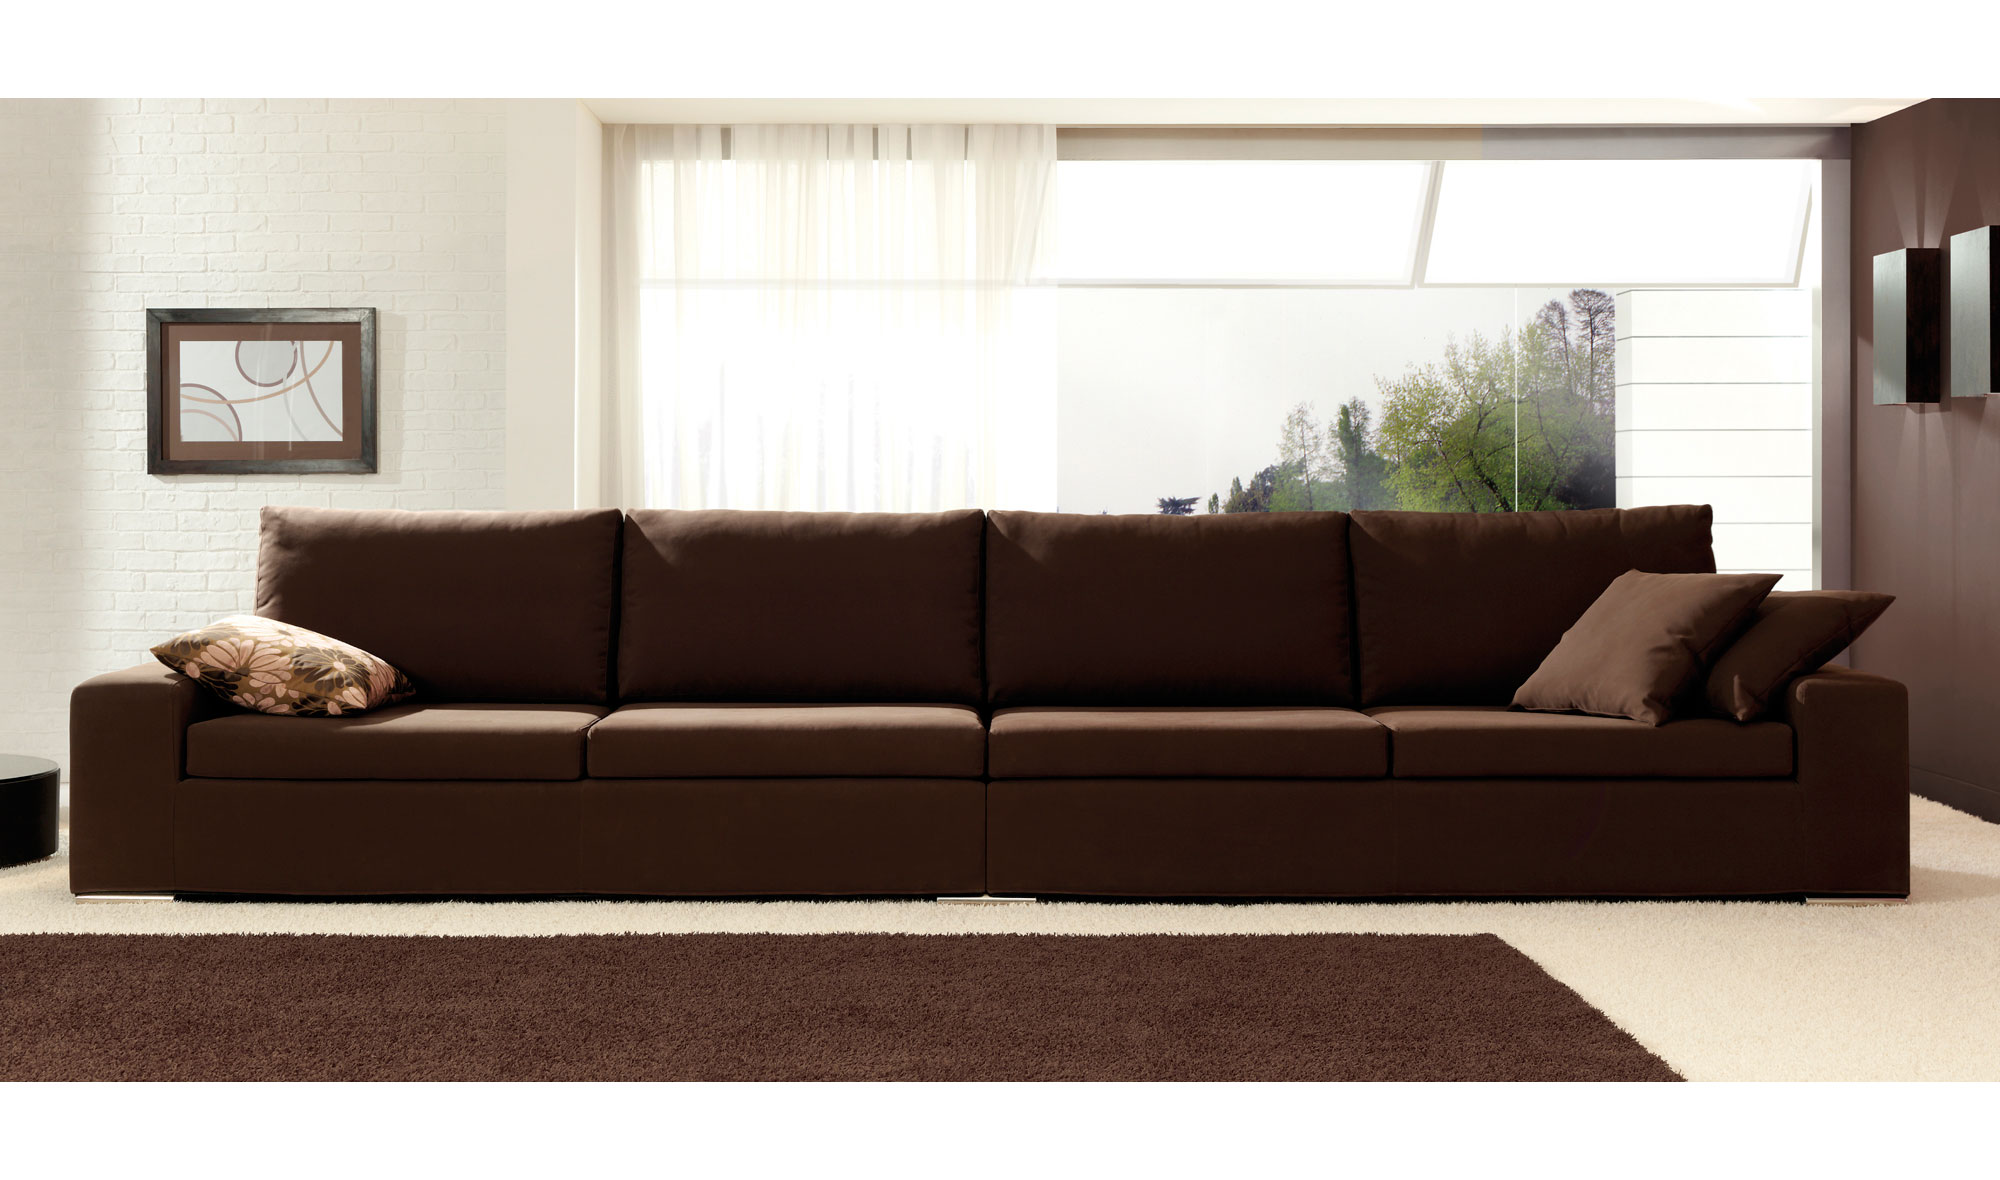 Sof Moderno Macro En Cosas De Arquitectoscosas De Arquitectos # Muebles Y Sofas